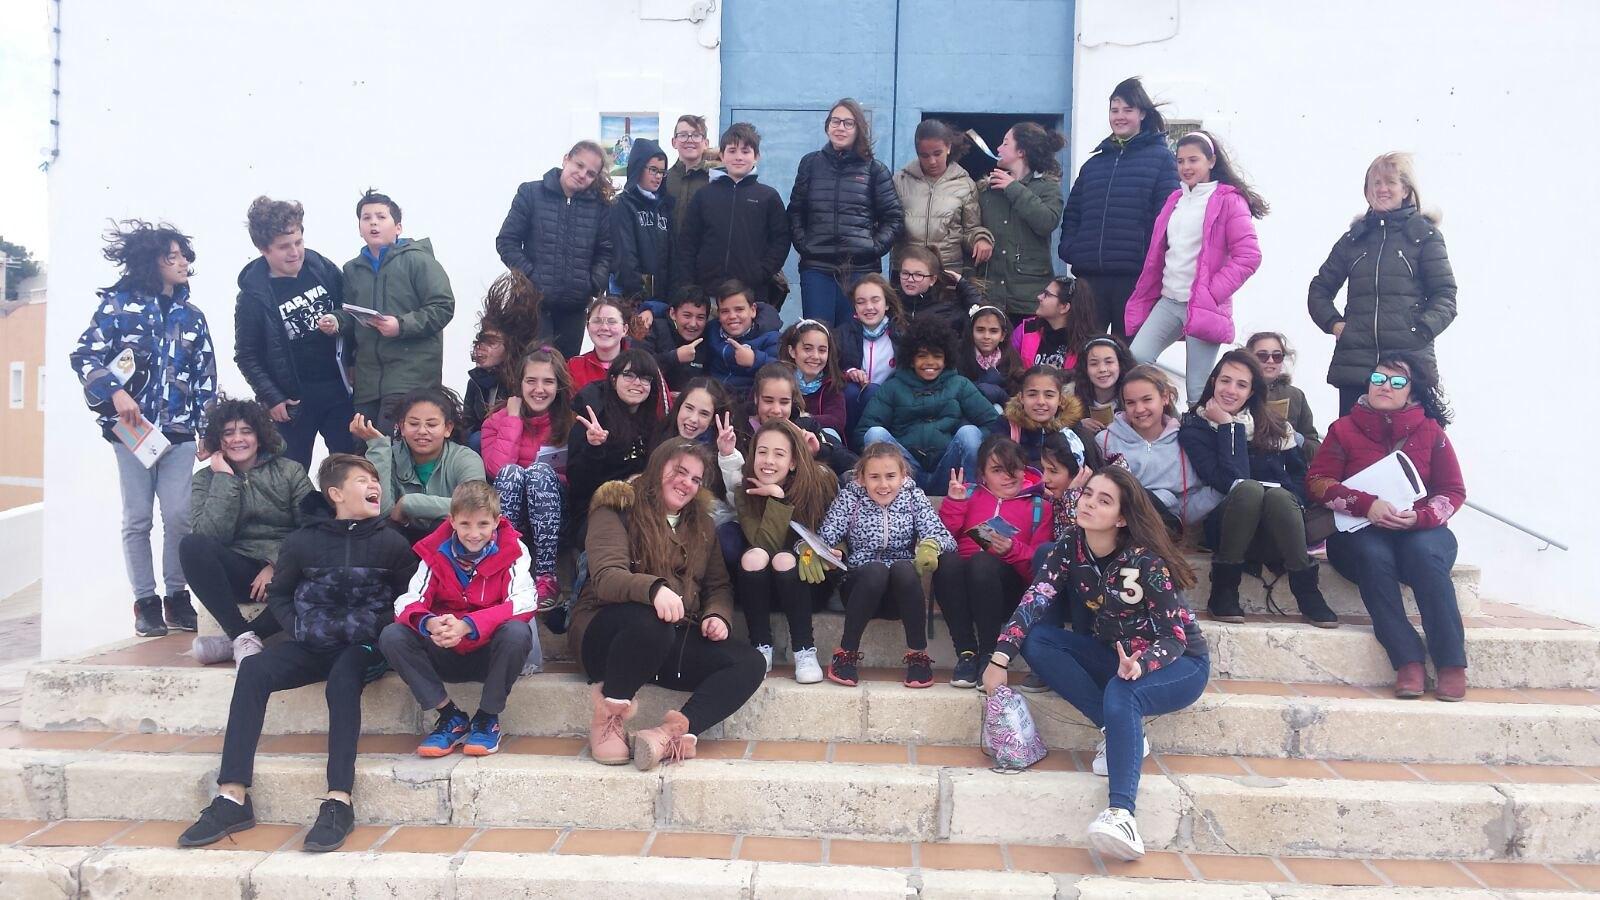 (2018-03-19) - Visita ermita alumnos Yolada-Pilar,6º, Virrey Poveda-9 de Octubre - Maria Isabel Berenquer Brotons - (01)